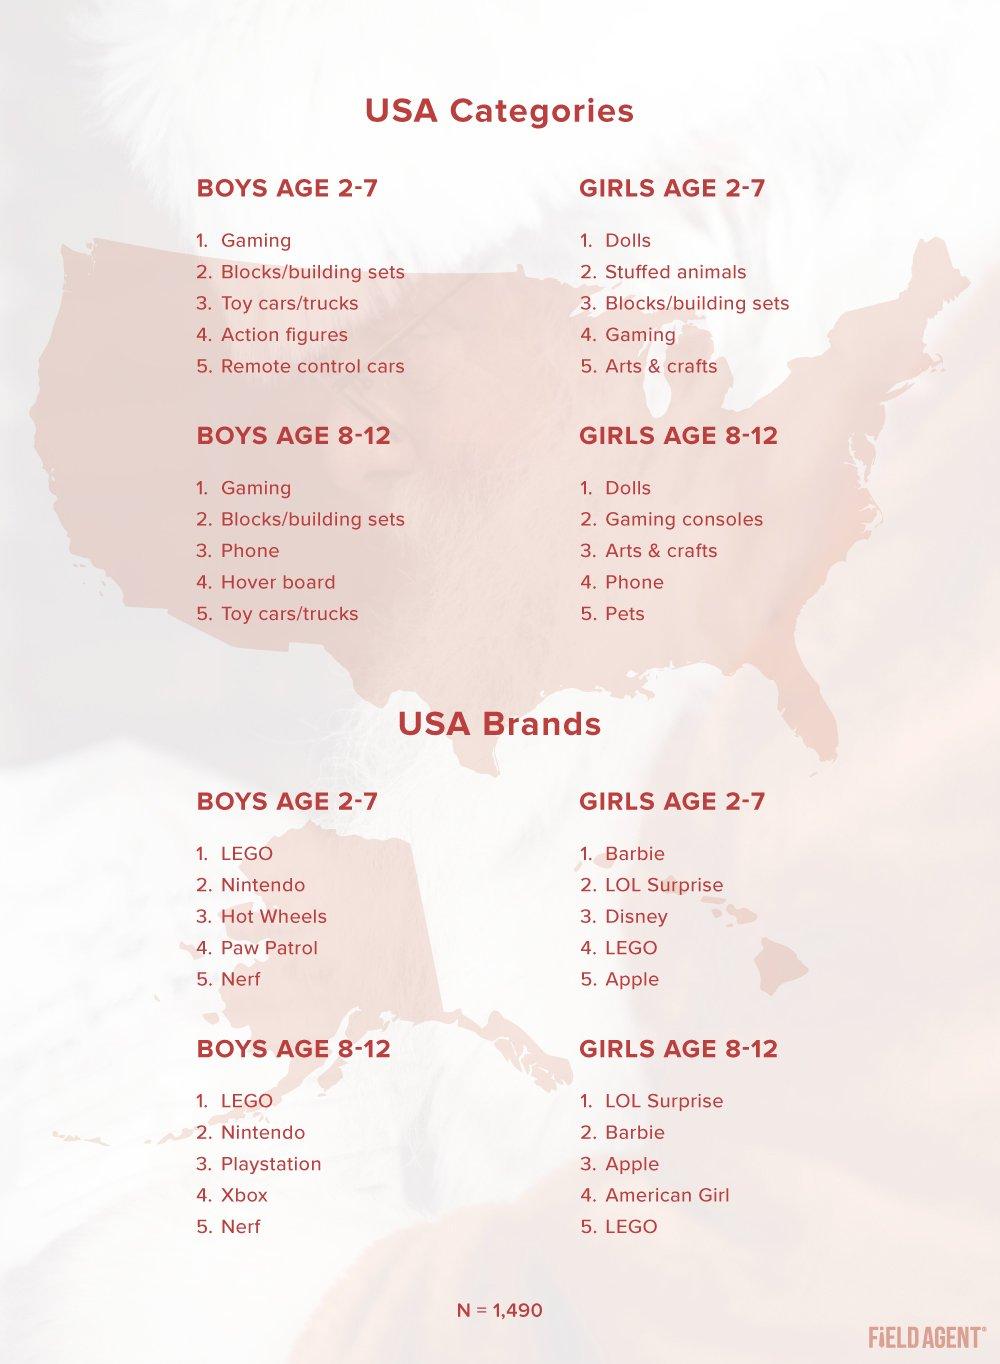 Santa-Survey-2020-USA